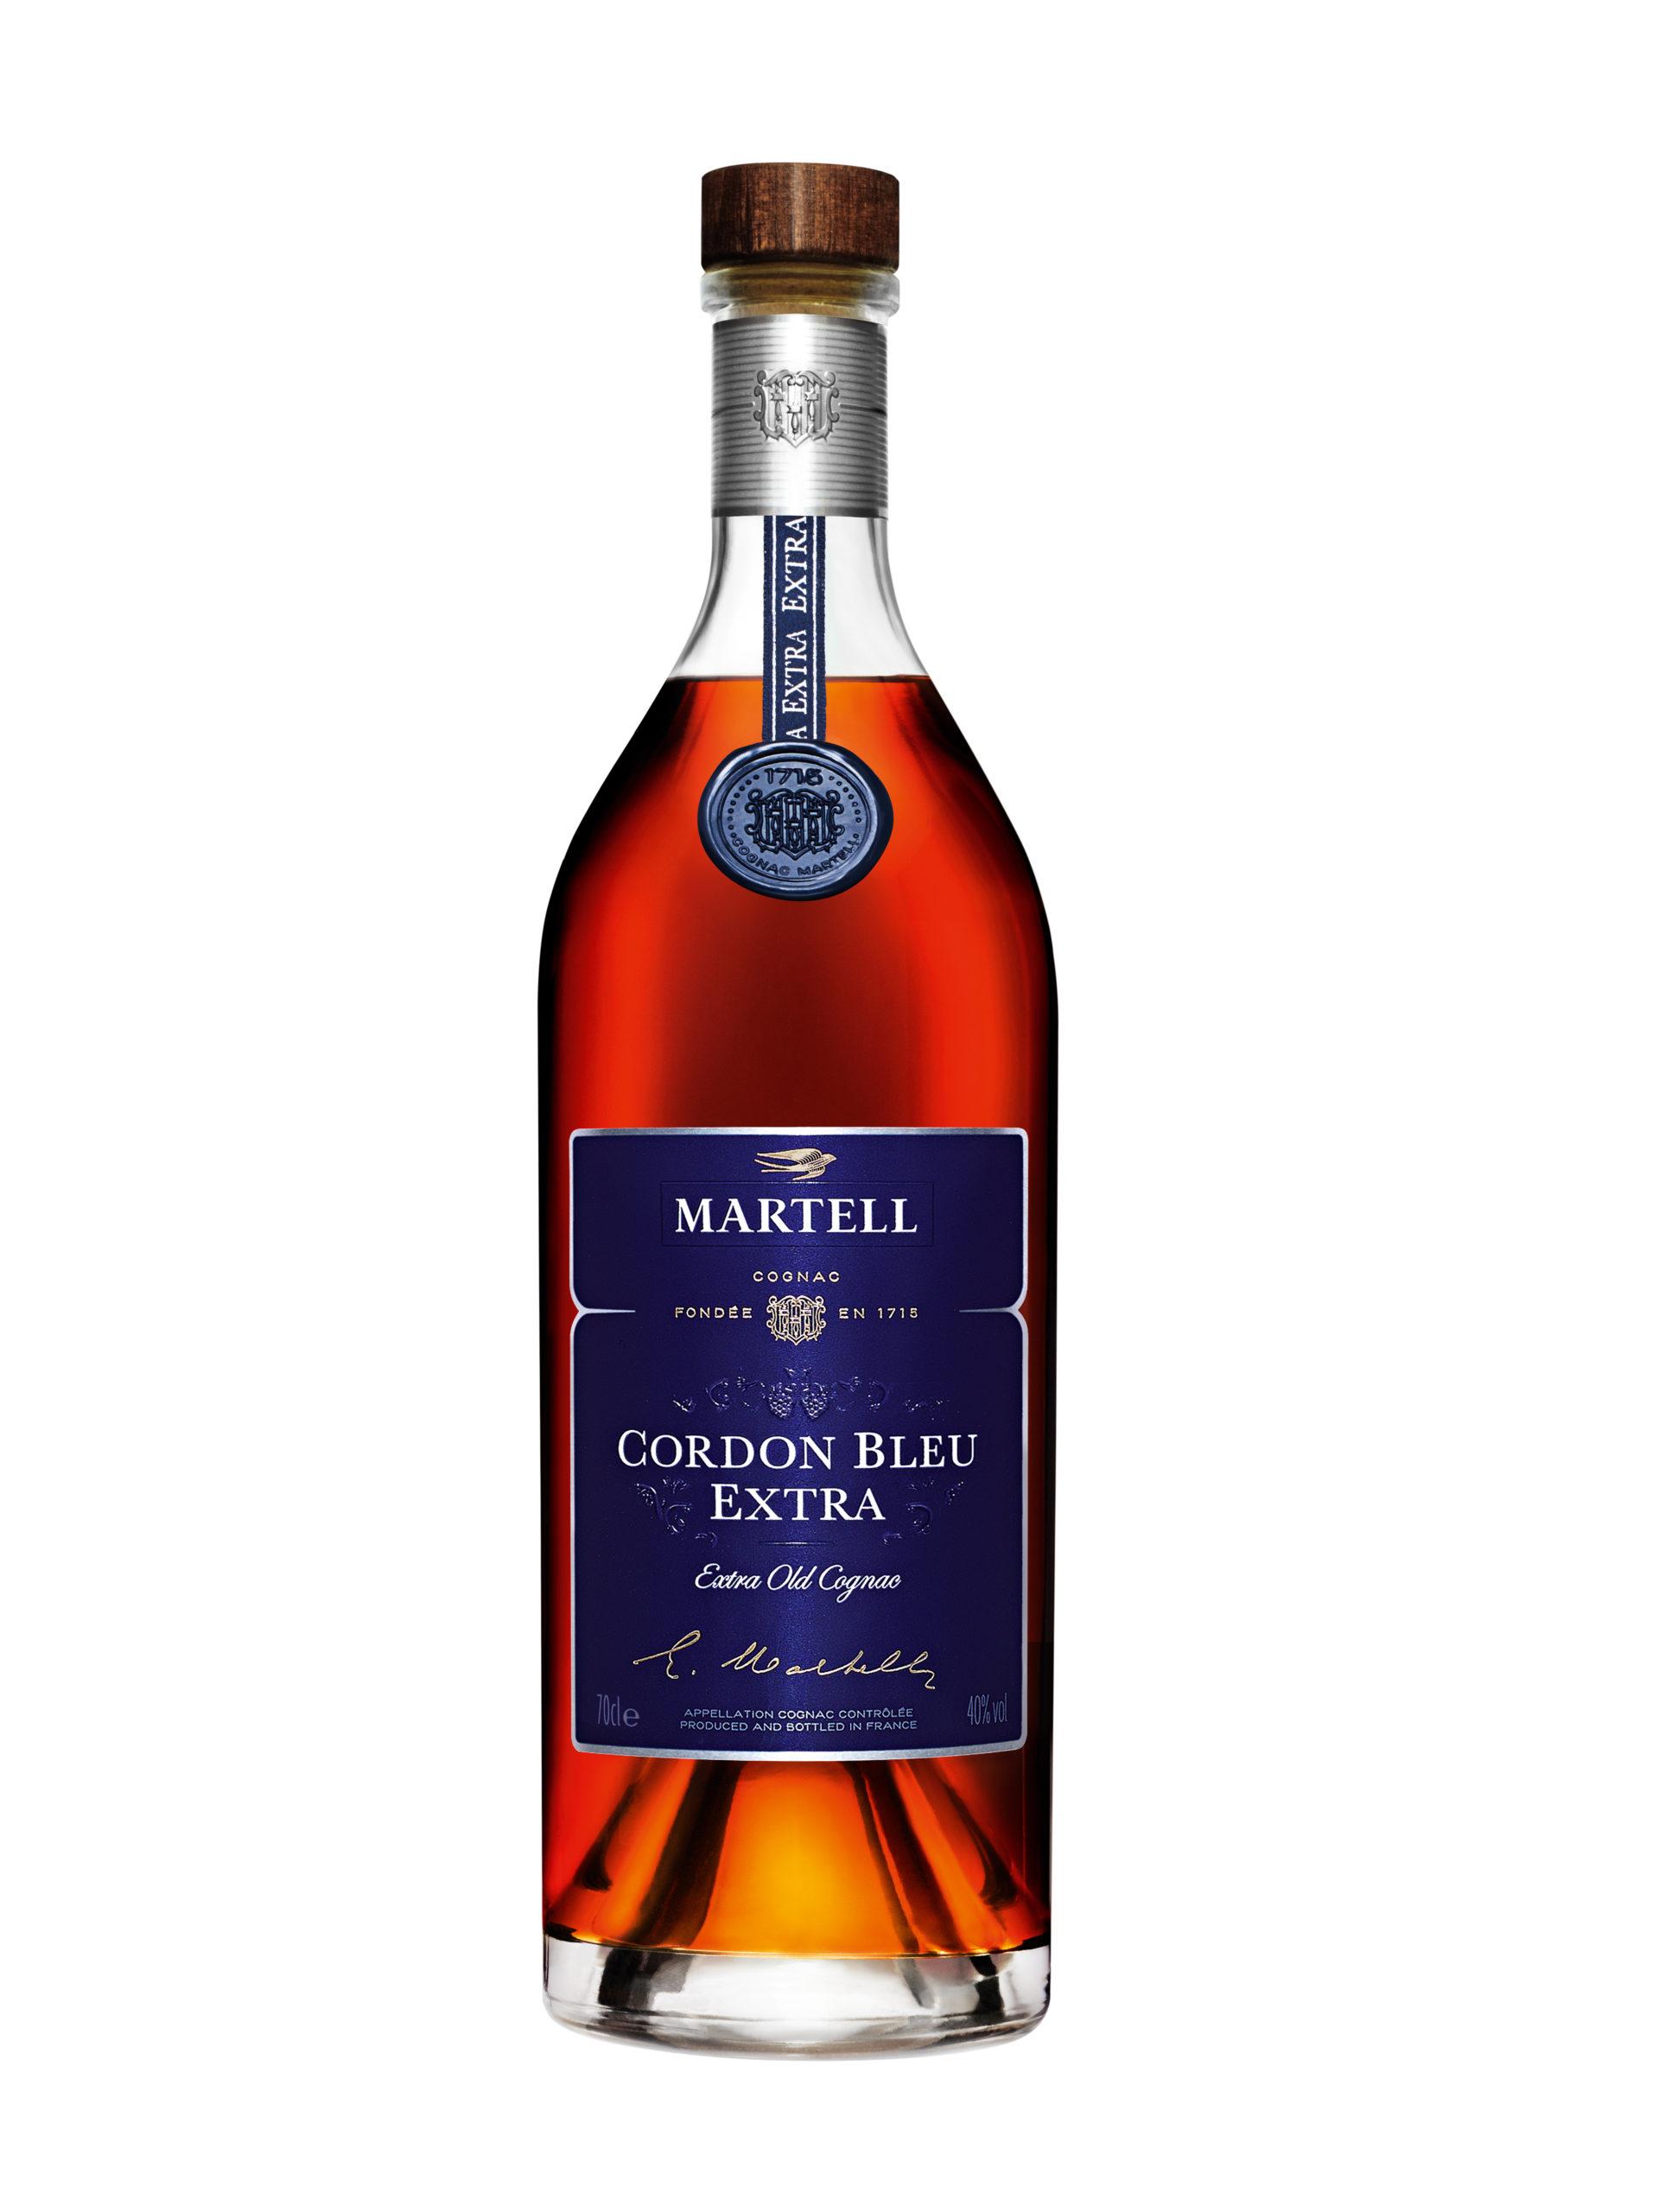 Cordon Bleu Extra Martell